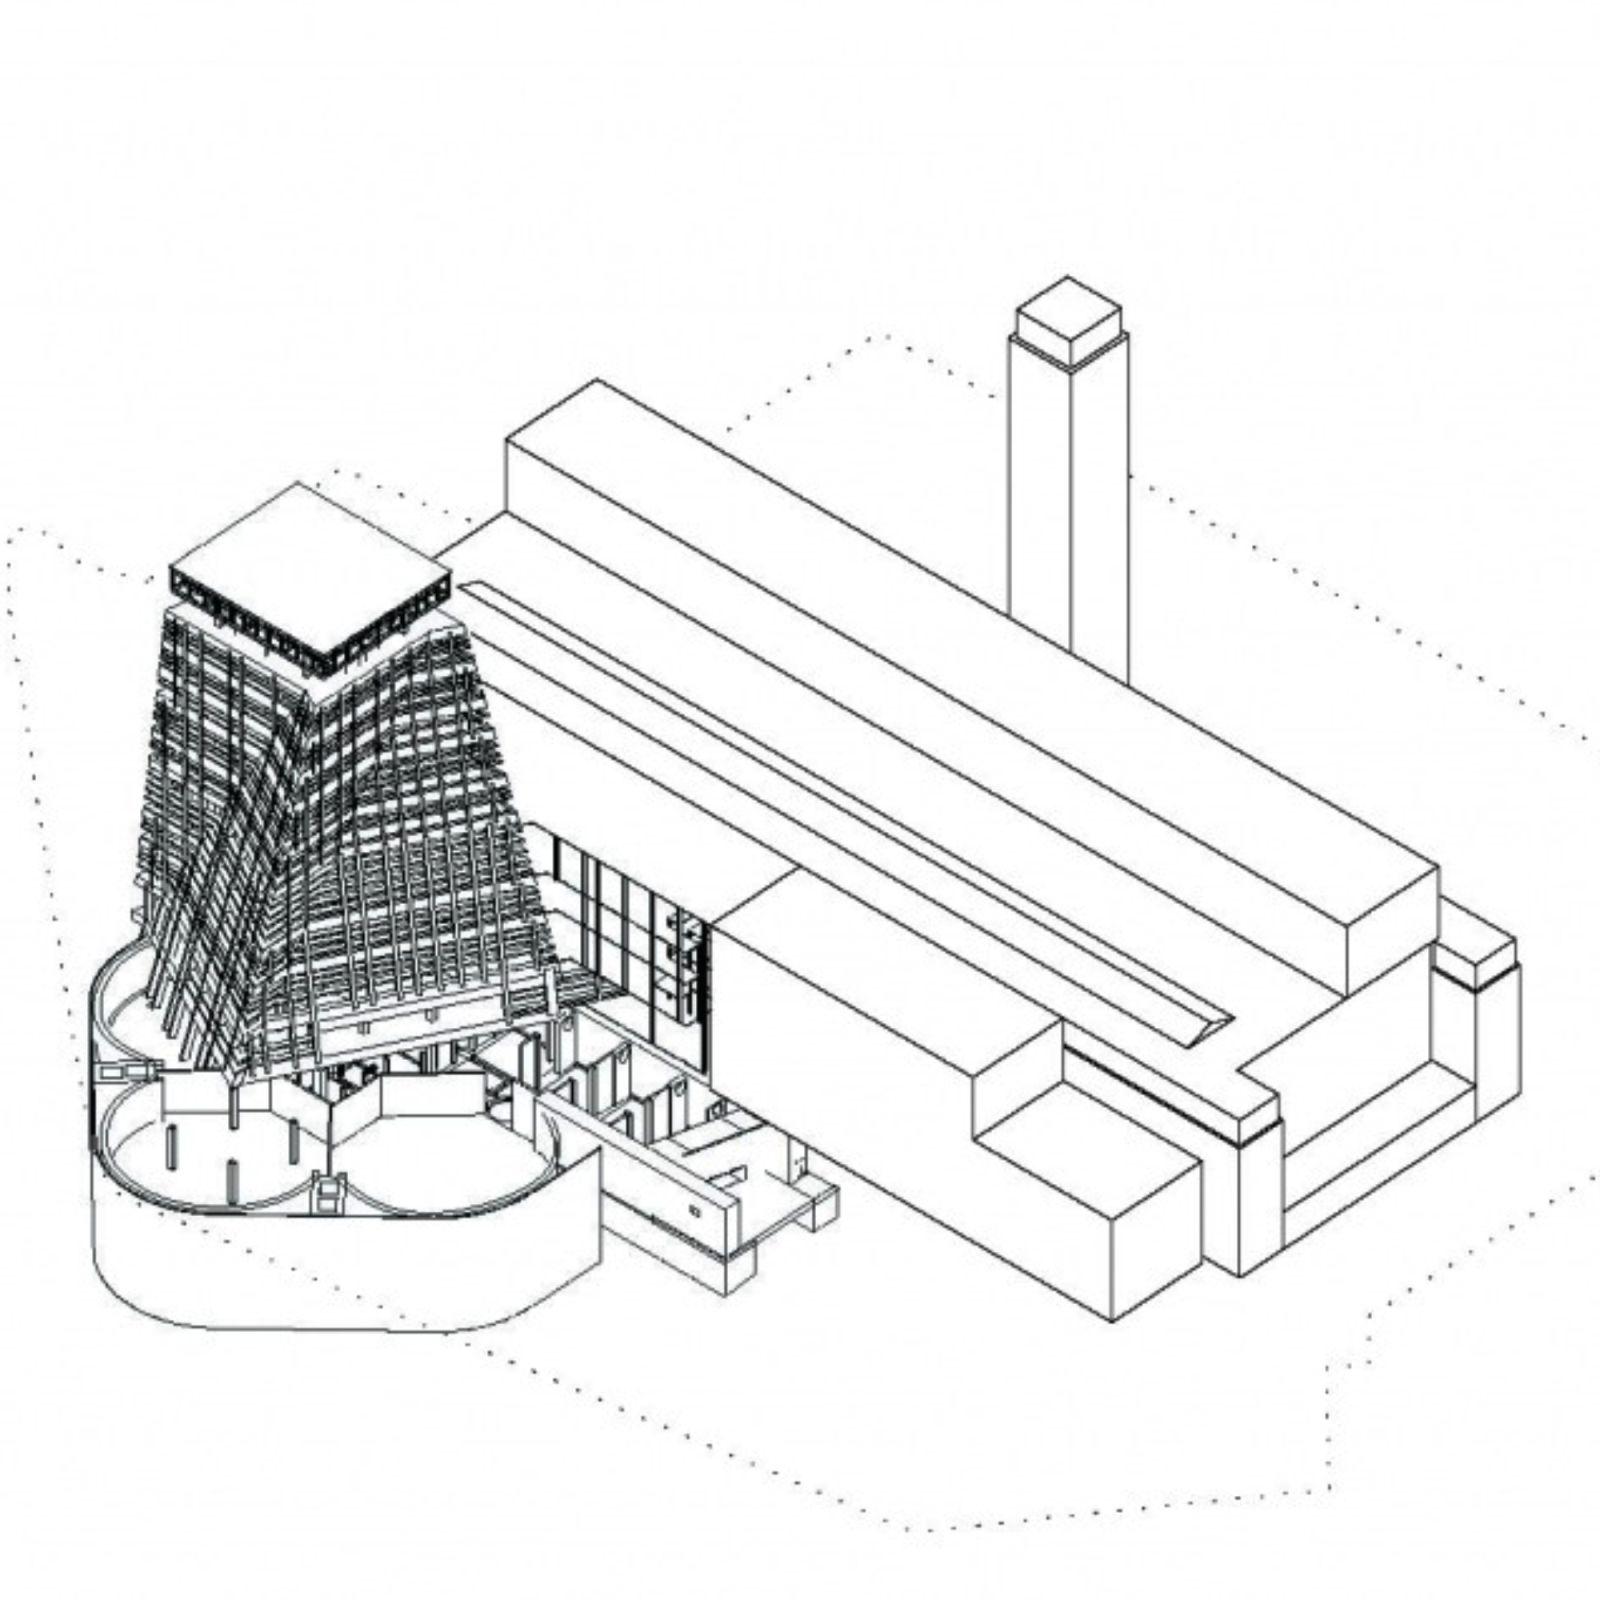 Drica Ampliacion De La Tate Modern